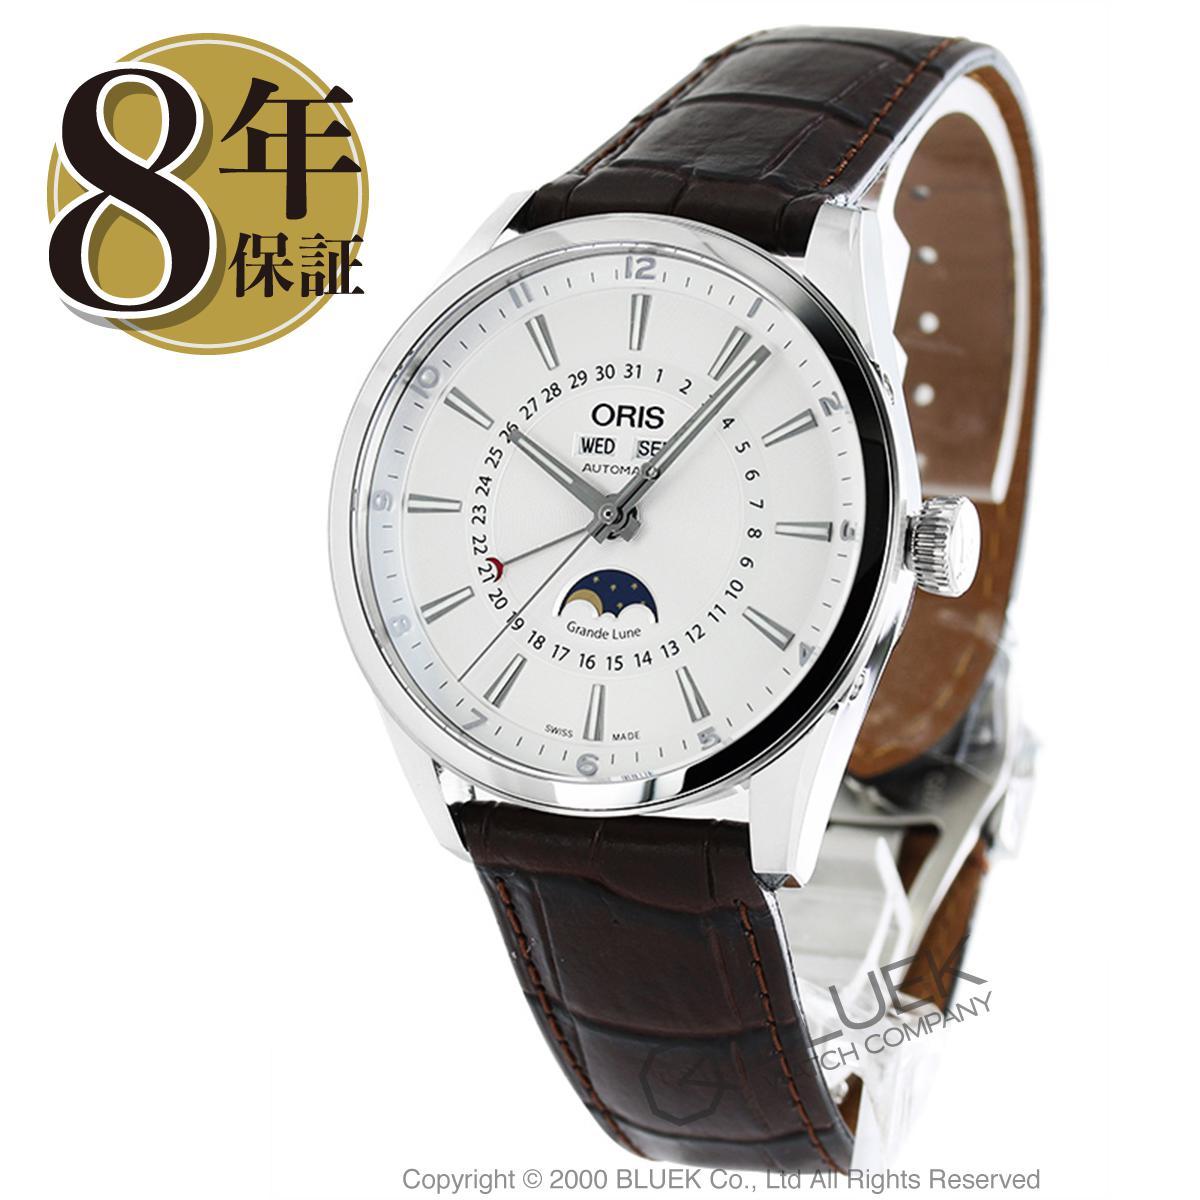 【3,000円OFFクーポン対象】オリス アーティックス ムーンフェイズ 腕時計 メンズ ORIS 915 7643 4031D_8